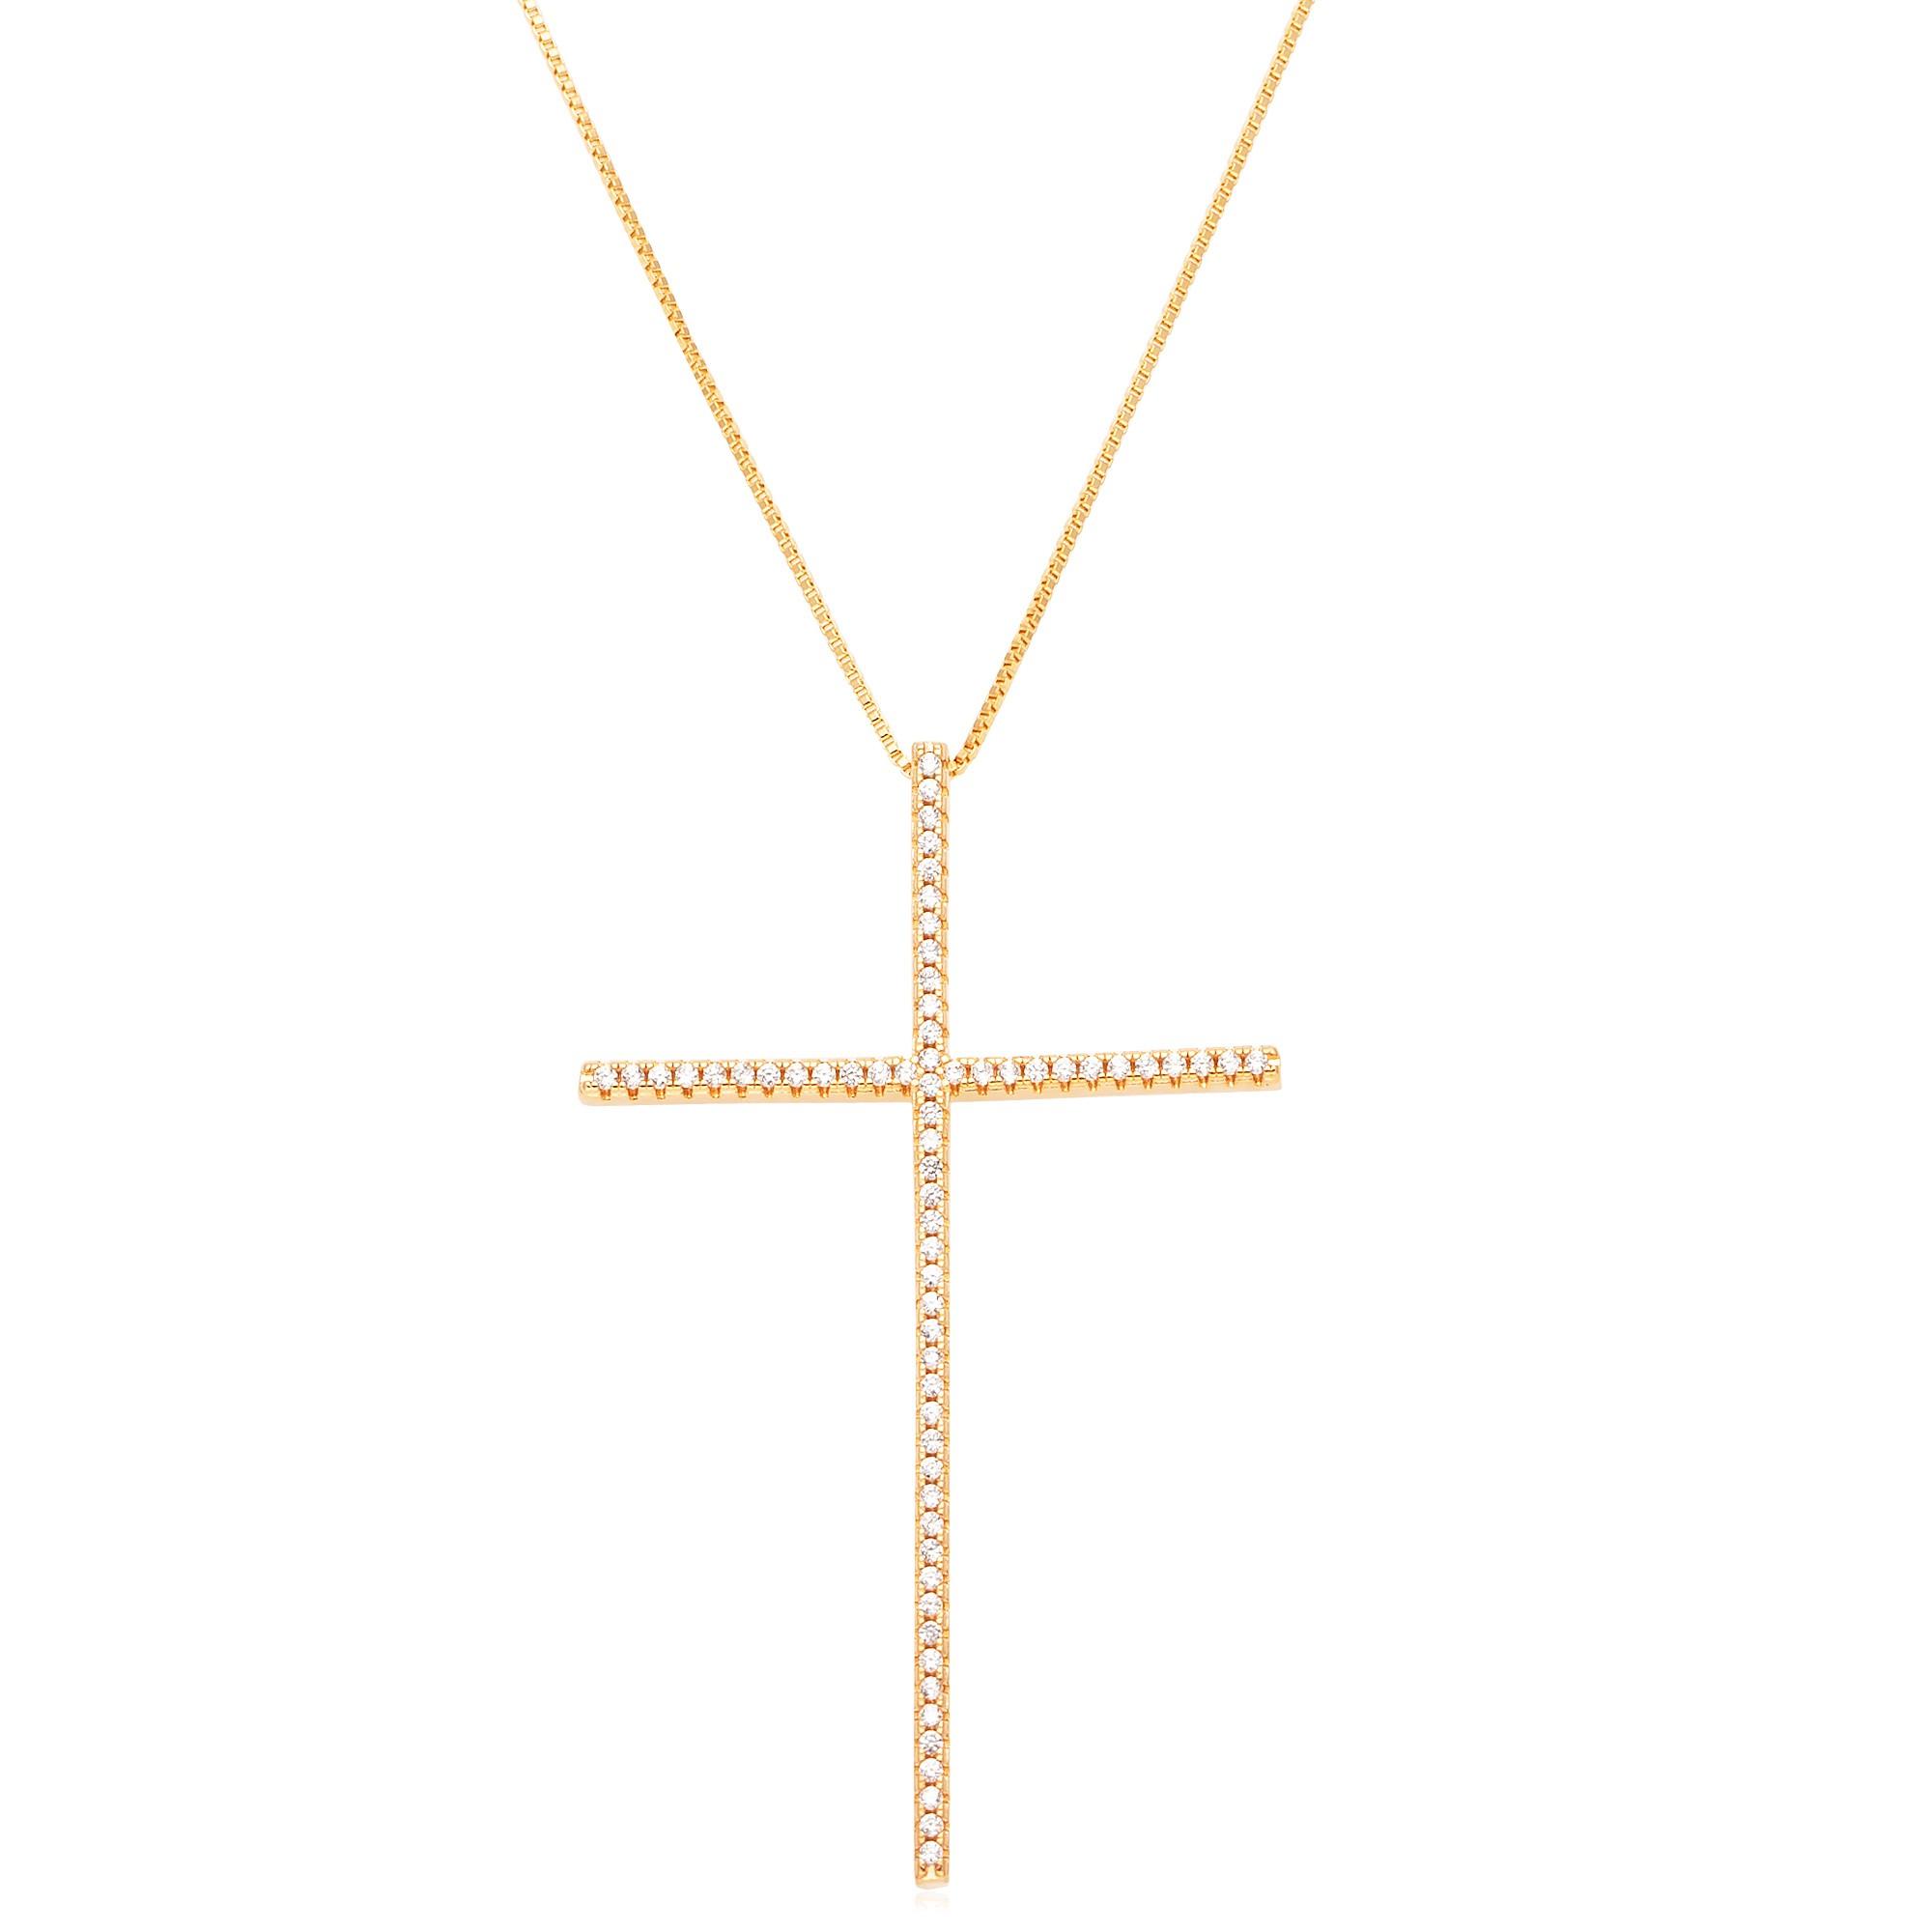 Colar cruz palito zircônias banhado a ouro 18k  - bfdecor.com.br